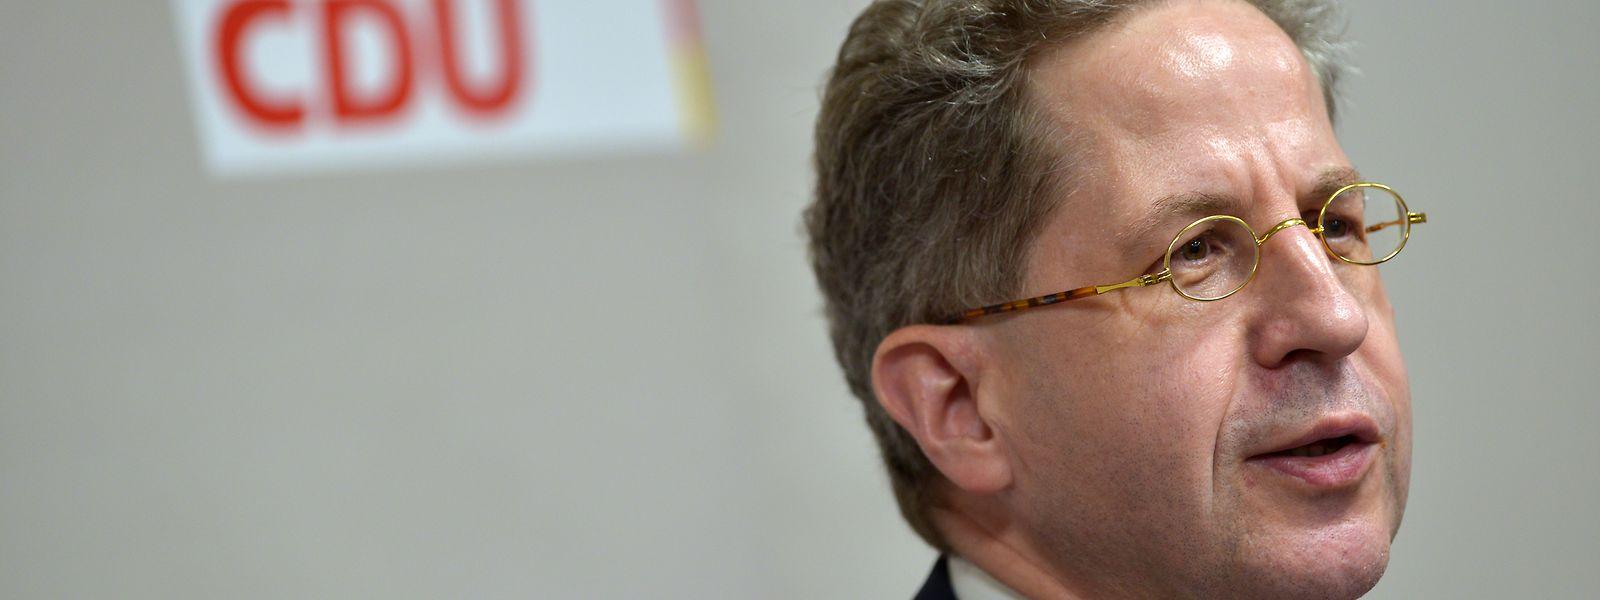 Hans-Georg Maaßen, ehemaliger Präsident des Bundesamtes für Verfassungsschutz (BfV), kandidiert im Herbst für den Bundestag.